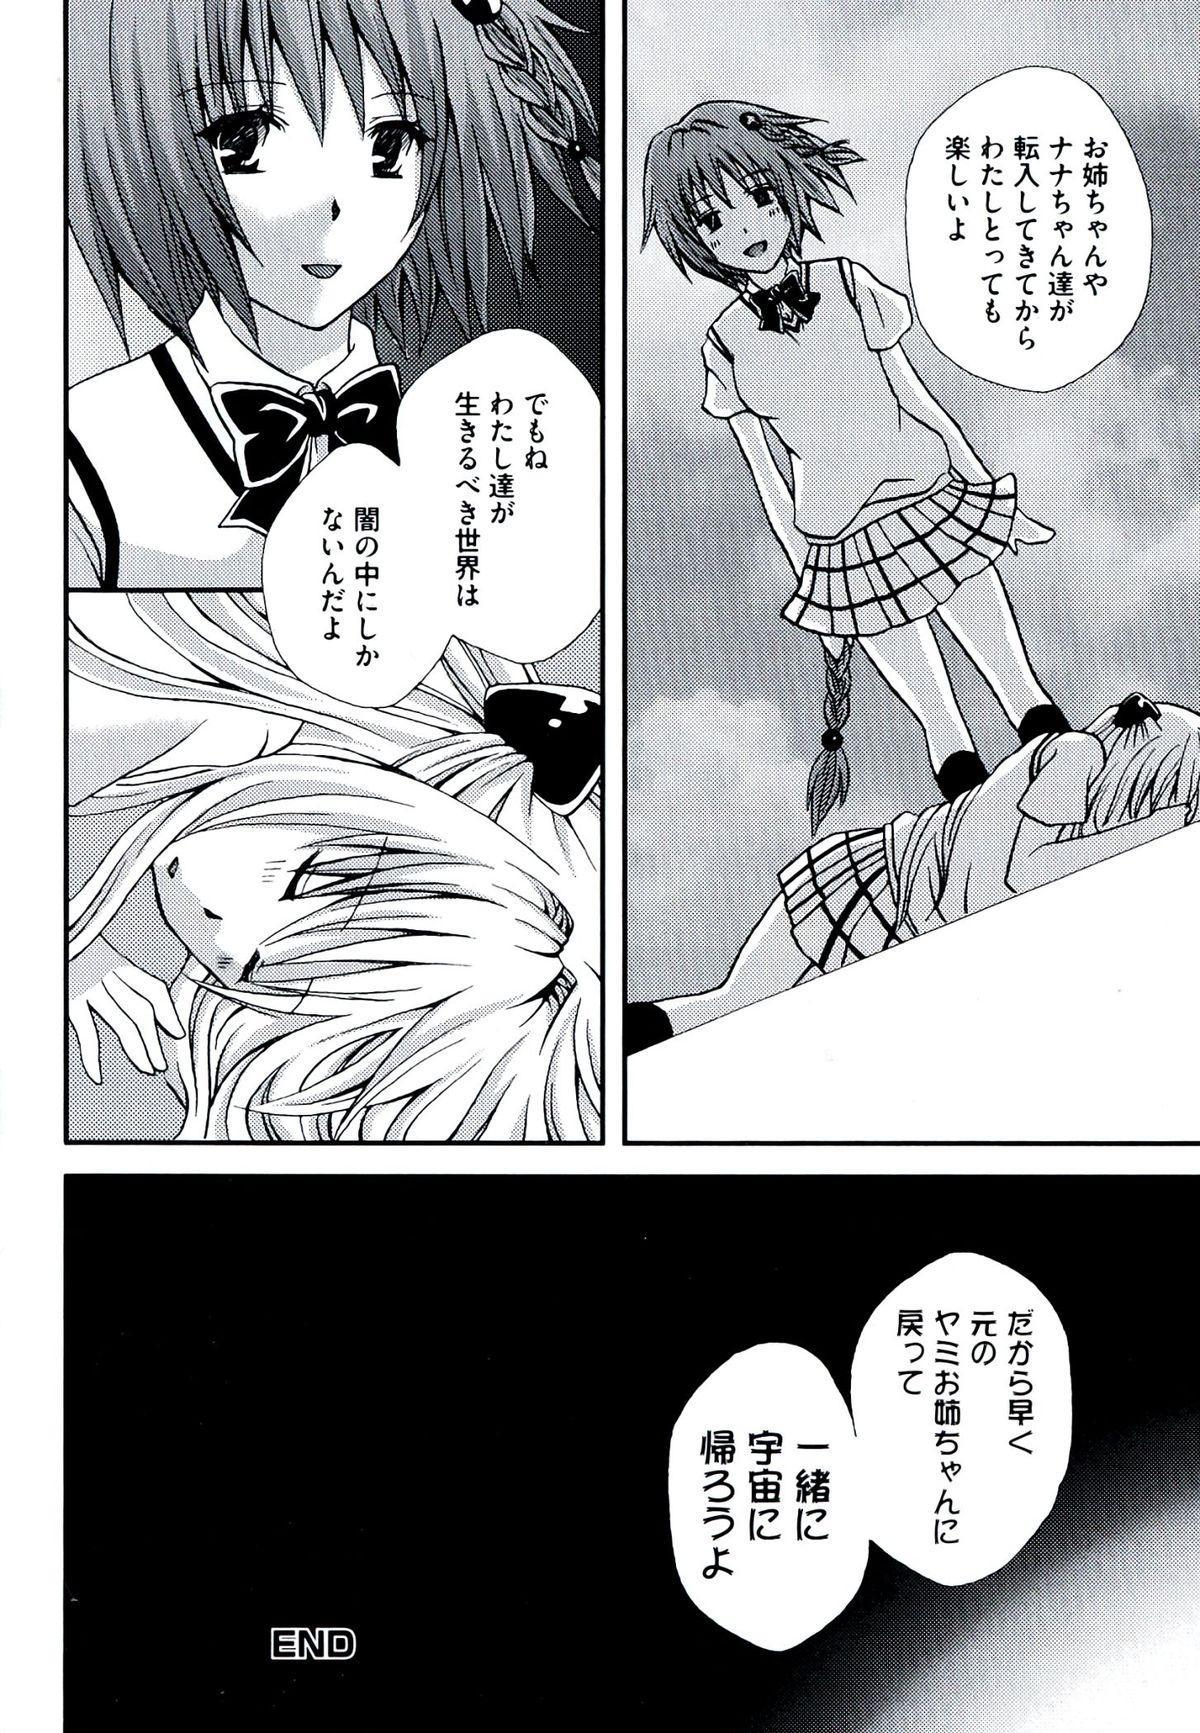 Geki EROVEru DARKNESS 47